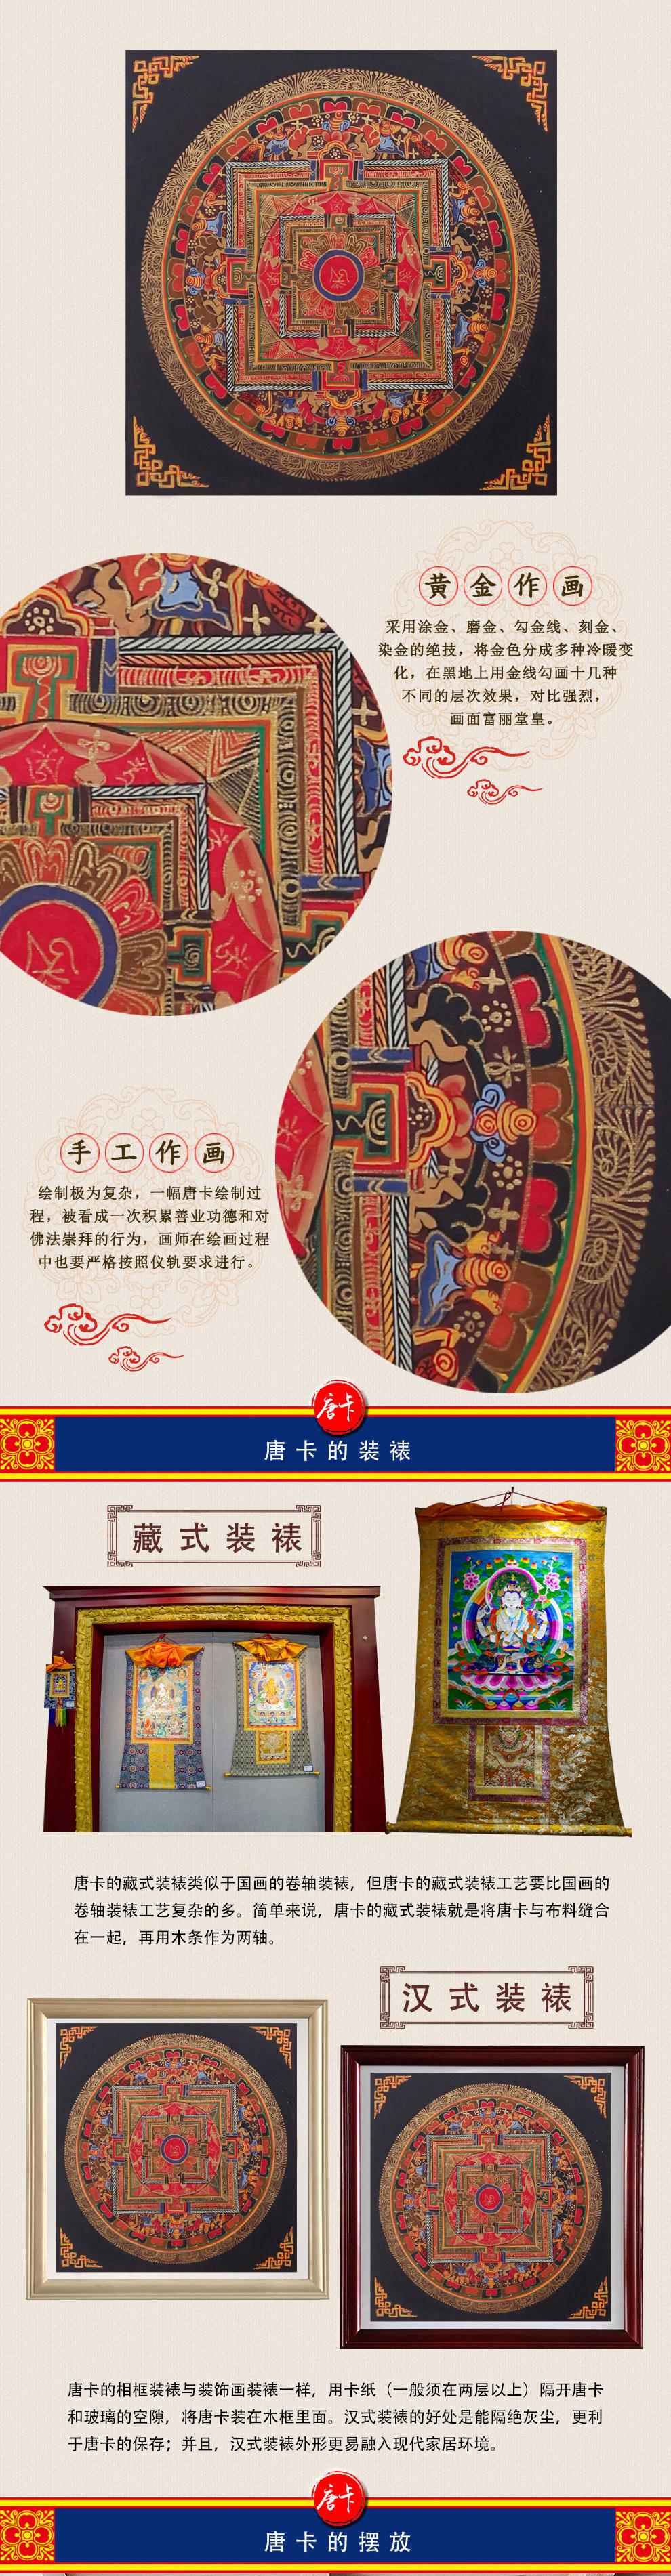 藏式纯手工描金坛城唐卡